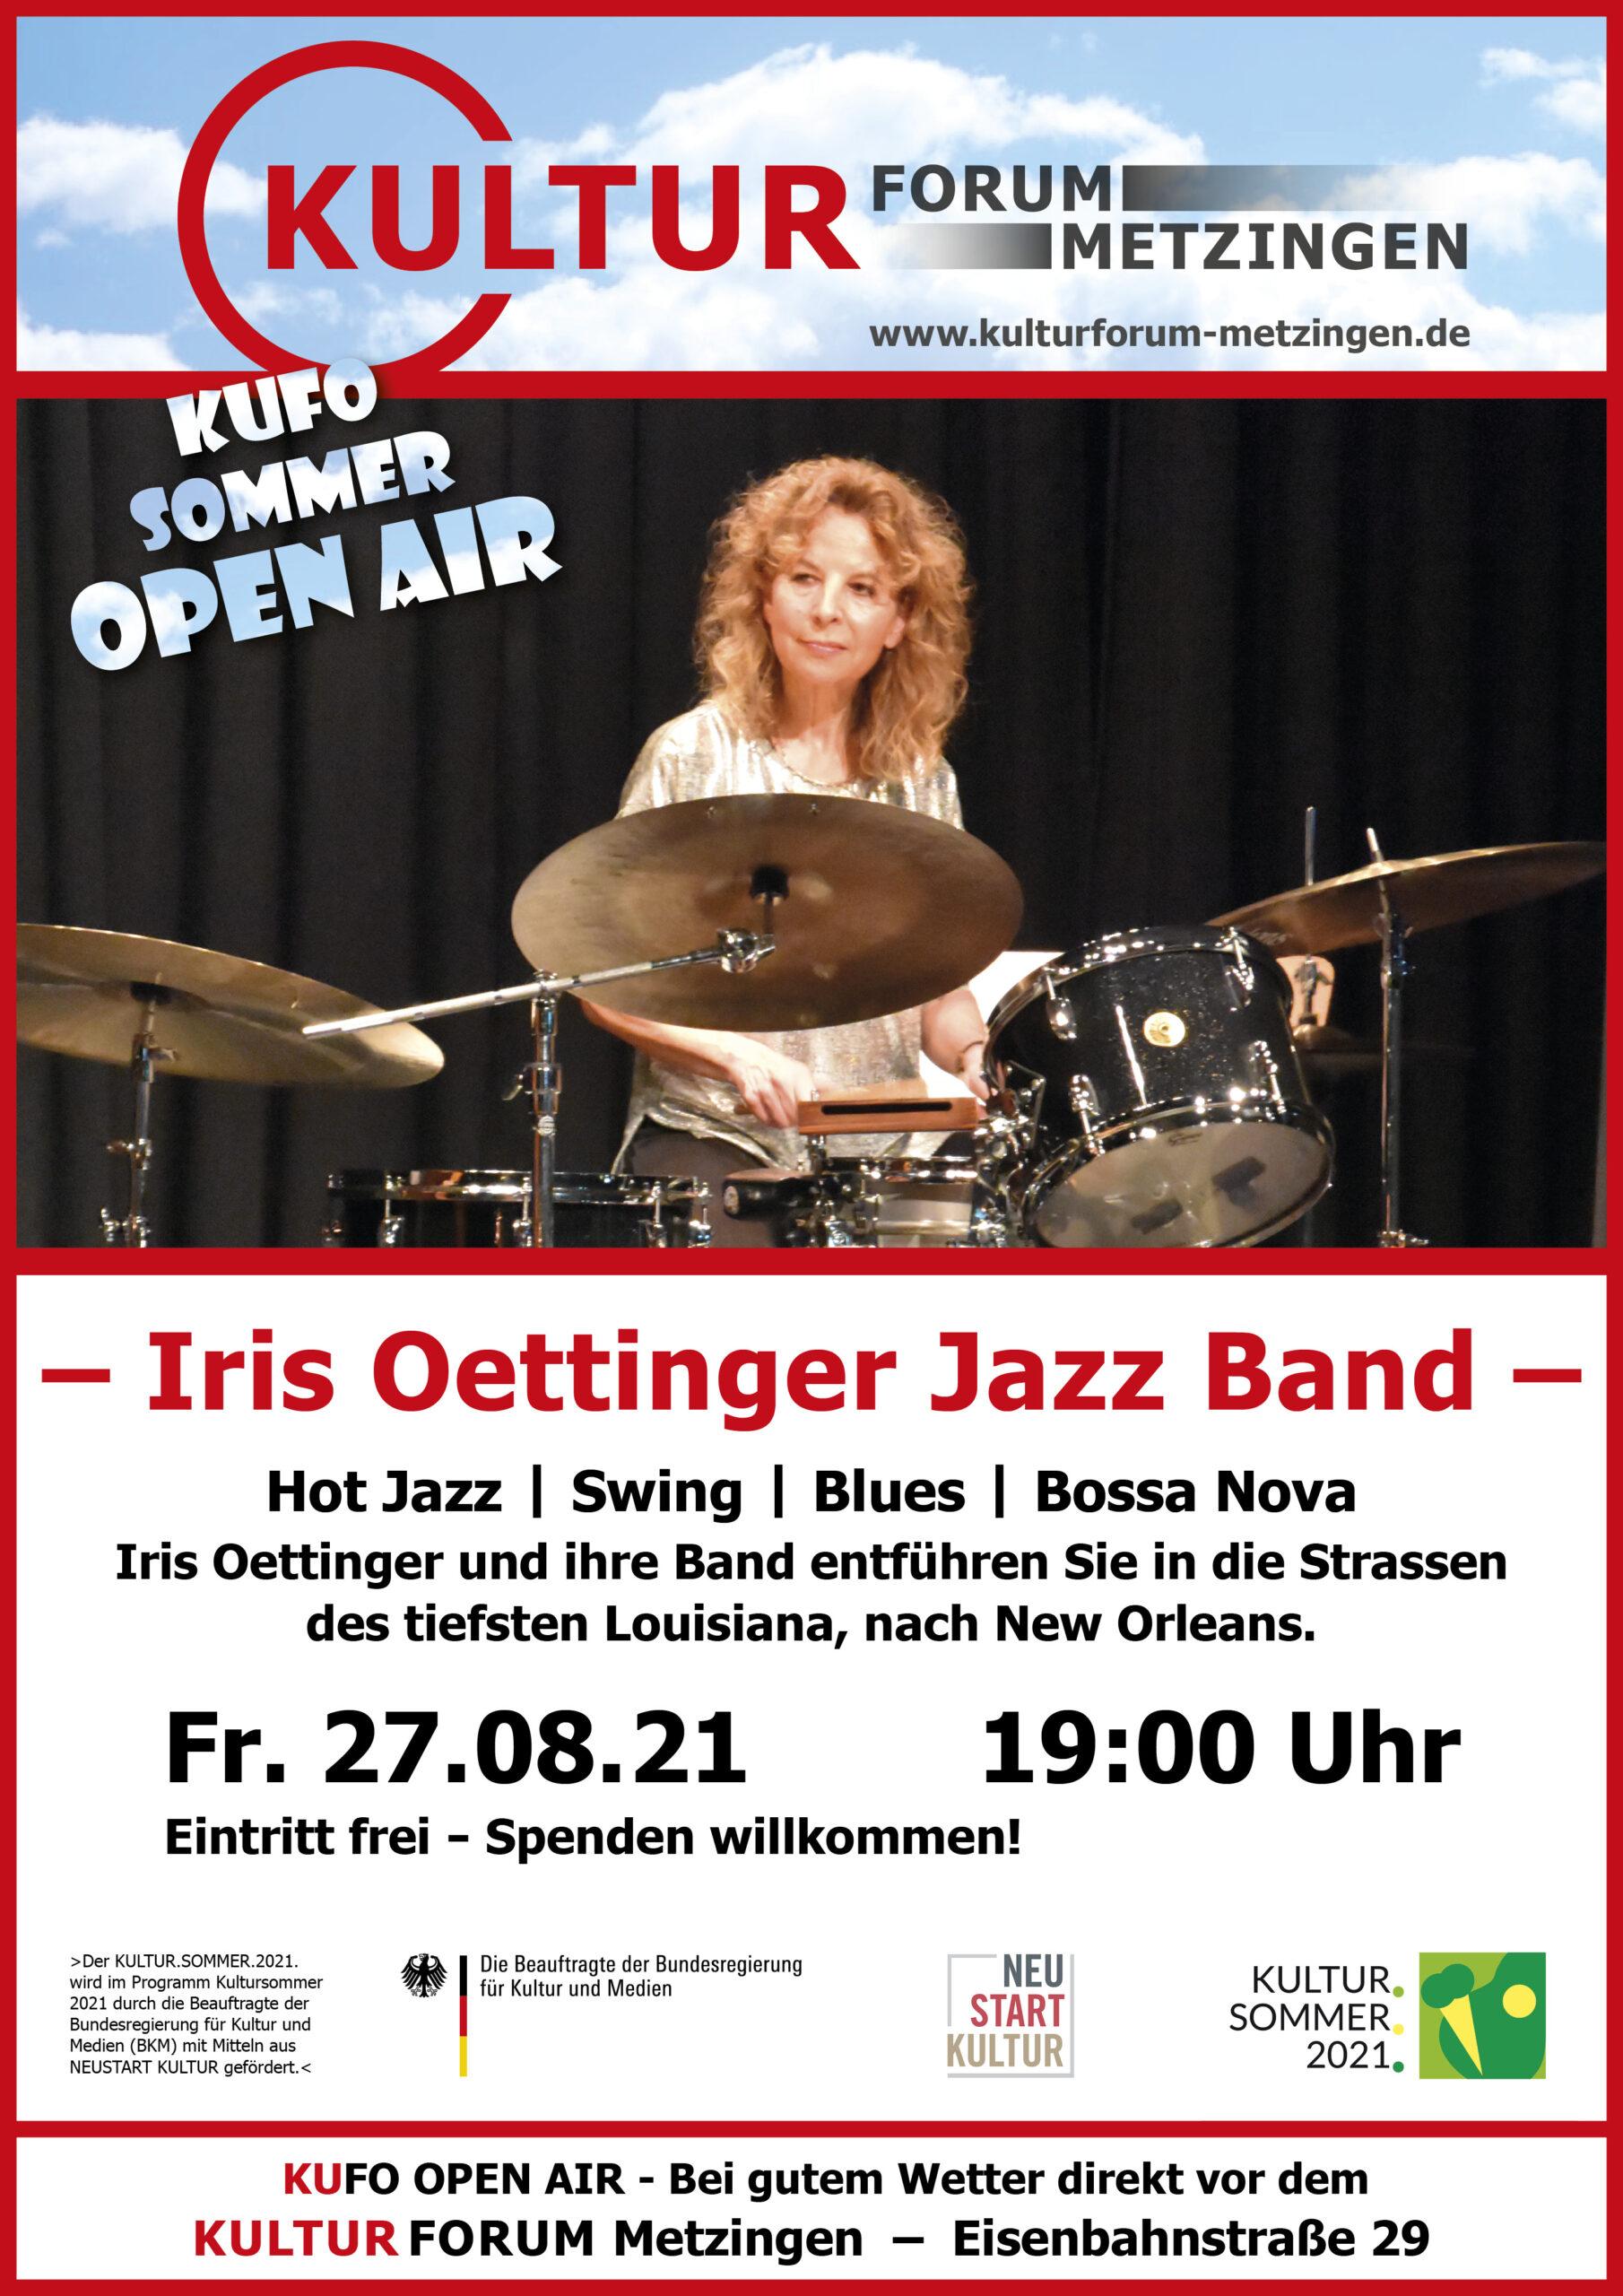 Iris Oettinger Jazz Band